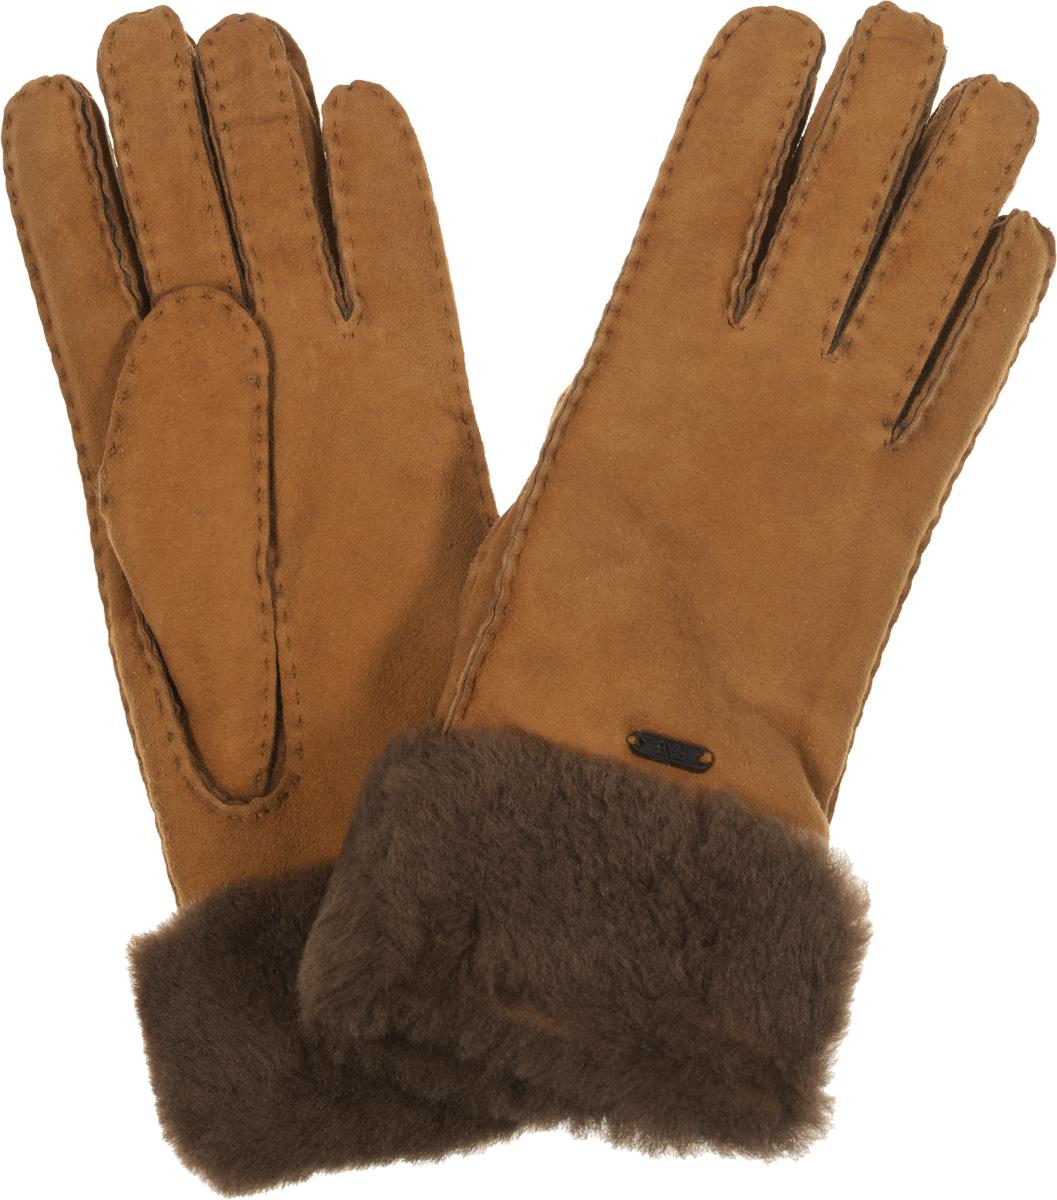 Перчатки25.2-2 chocolatПрекрасные теплые женские перчатки торговой марки Fabretti - незаменимый аксессуар зимнего гардероба. Модель выполнена из натуральной кожи с меховыми манжетами. На лицевой стороне перчатки декорированы пластиной с логотипом бренда. Края перчаток обработаны наружными ручными швами. Великолепные перчатки Fabretti не только согреют пальчики, но и дополнят ваш образ в качестве эффектного аксессуара.